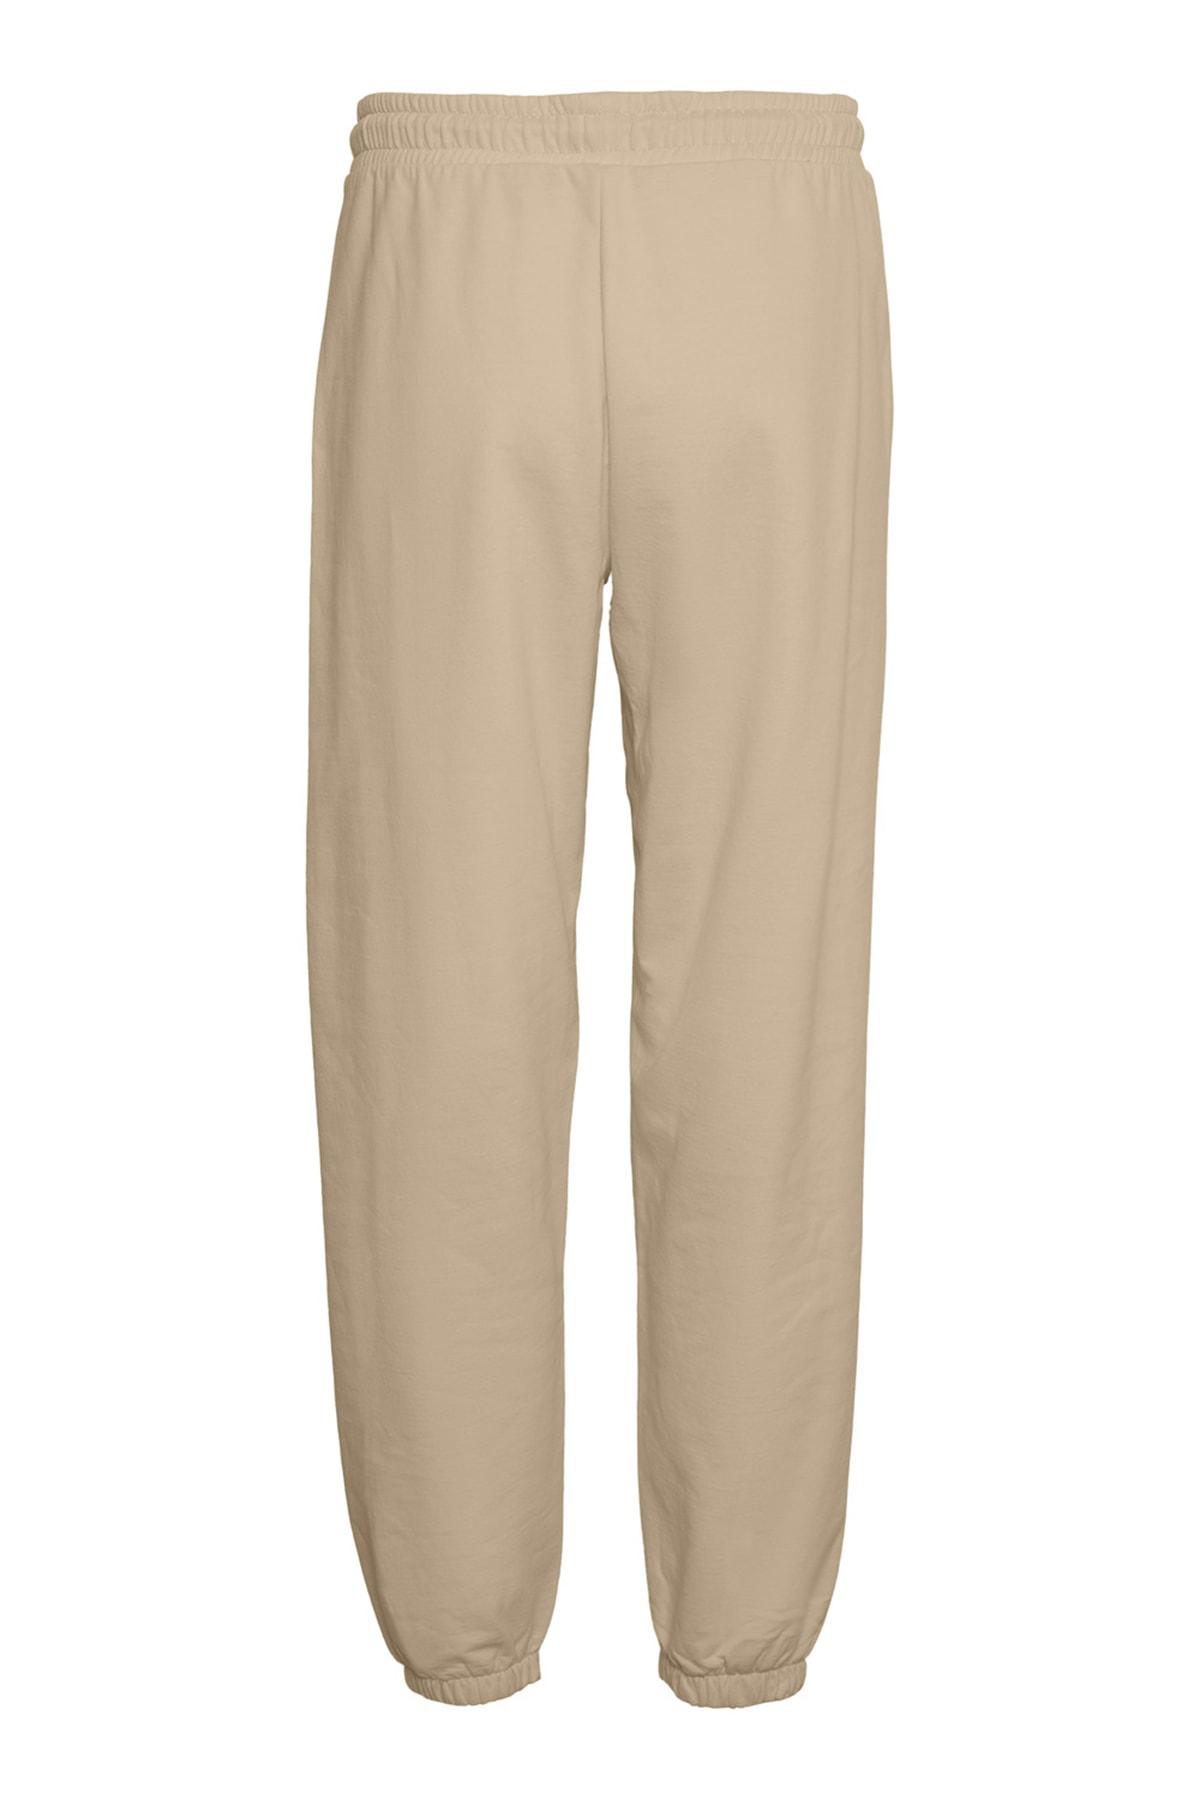 Vero Moda Kadın White Pepper Paçası Lastikli Yüksek Bel Sweat Pantolon 10252961 VMOCTAVIA 2